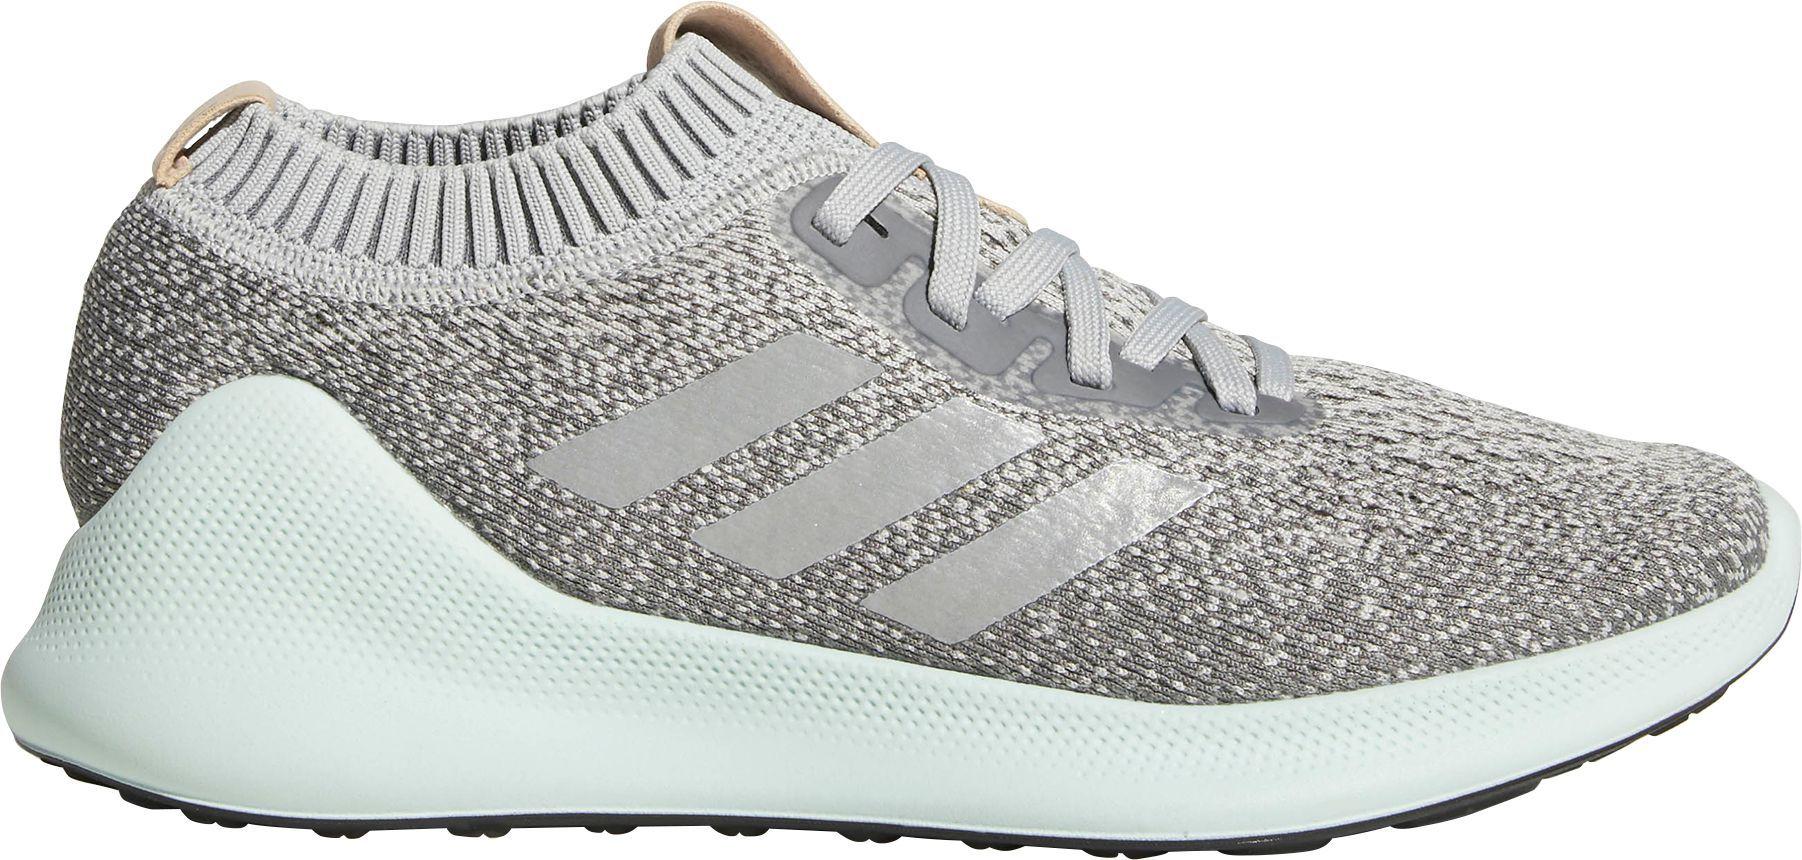 Le scarpe adidas purebounce + prodotti pinterest